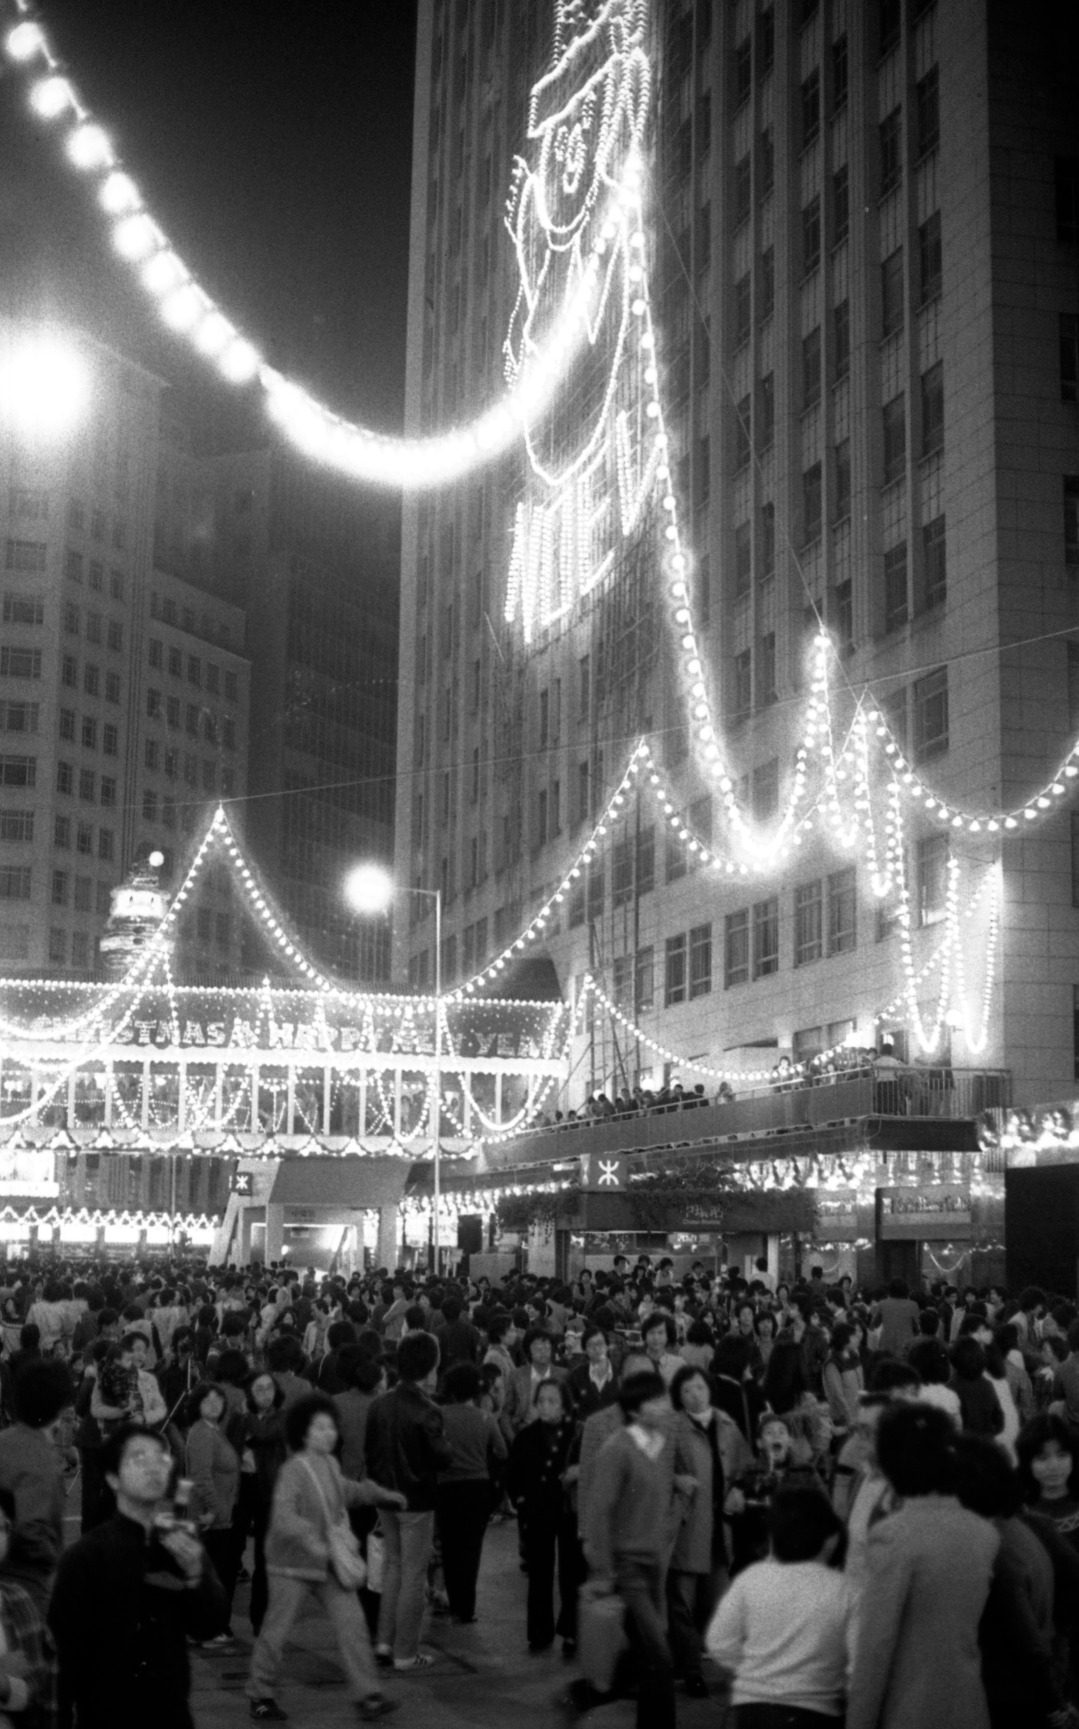 1981年聖誕節當日,中環遮打道文華東方酒店與太子大廈之間一帶,掛上一串串的聖誕燈飾,很多人情侶、一家大細趁佳節出來感受聖誕氣氛。(圖片來源:Getty)